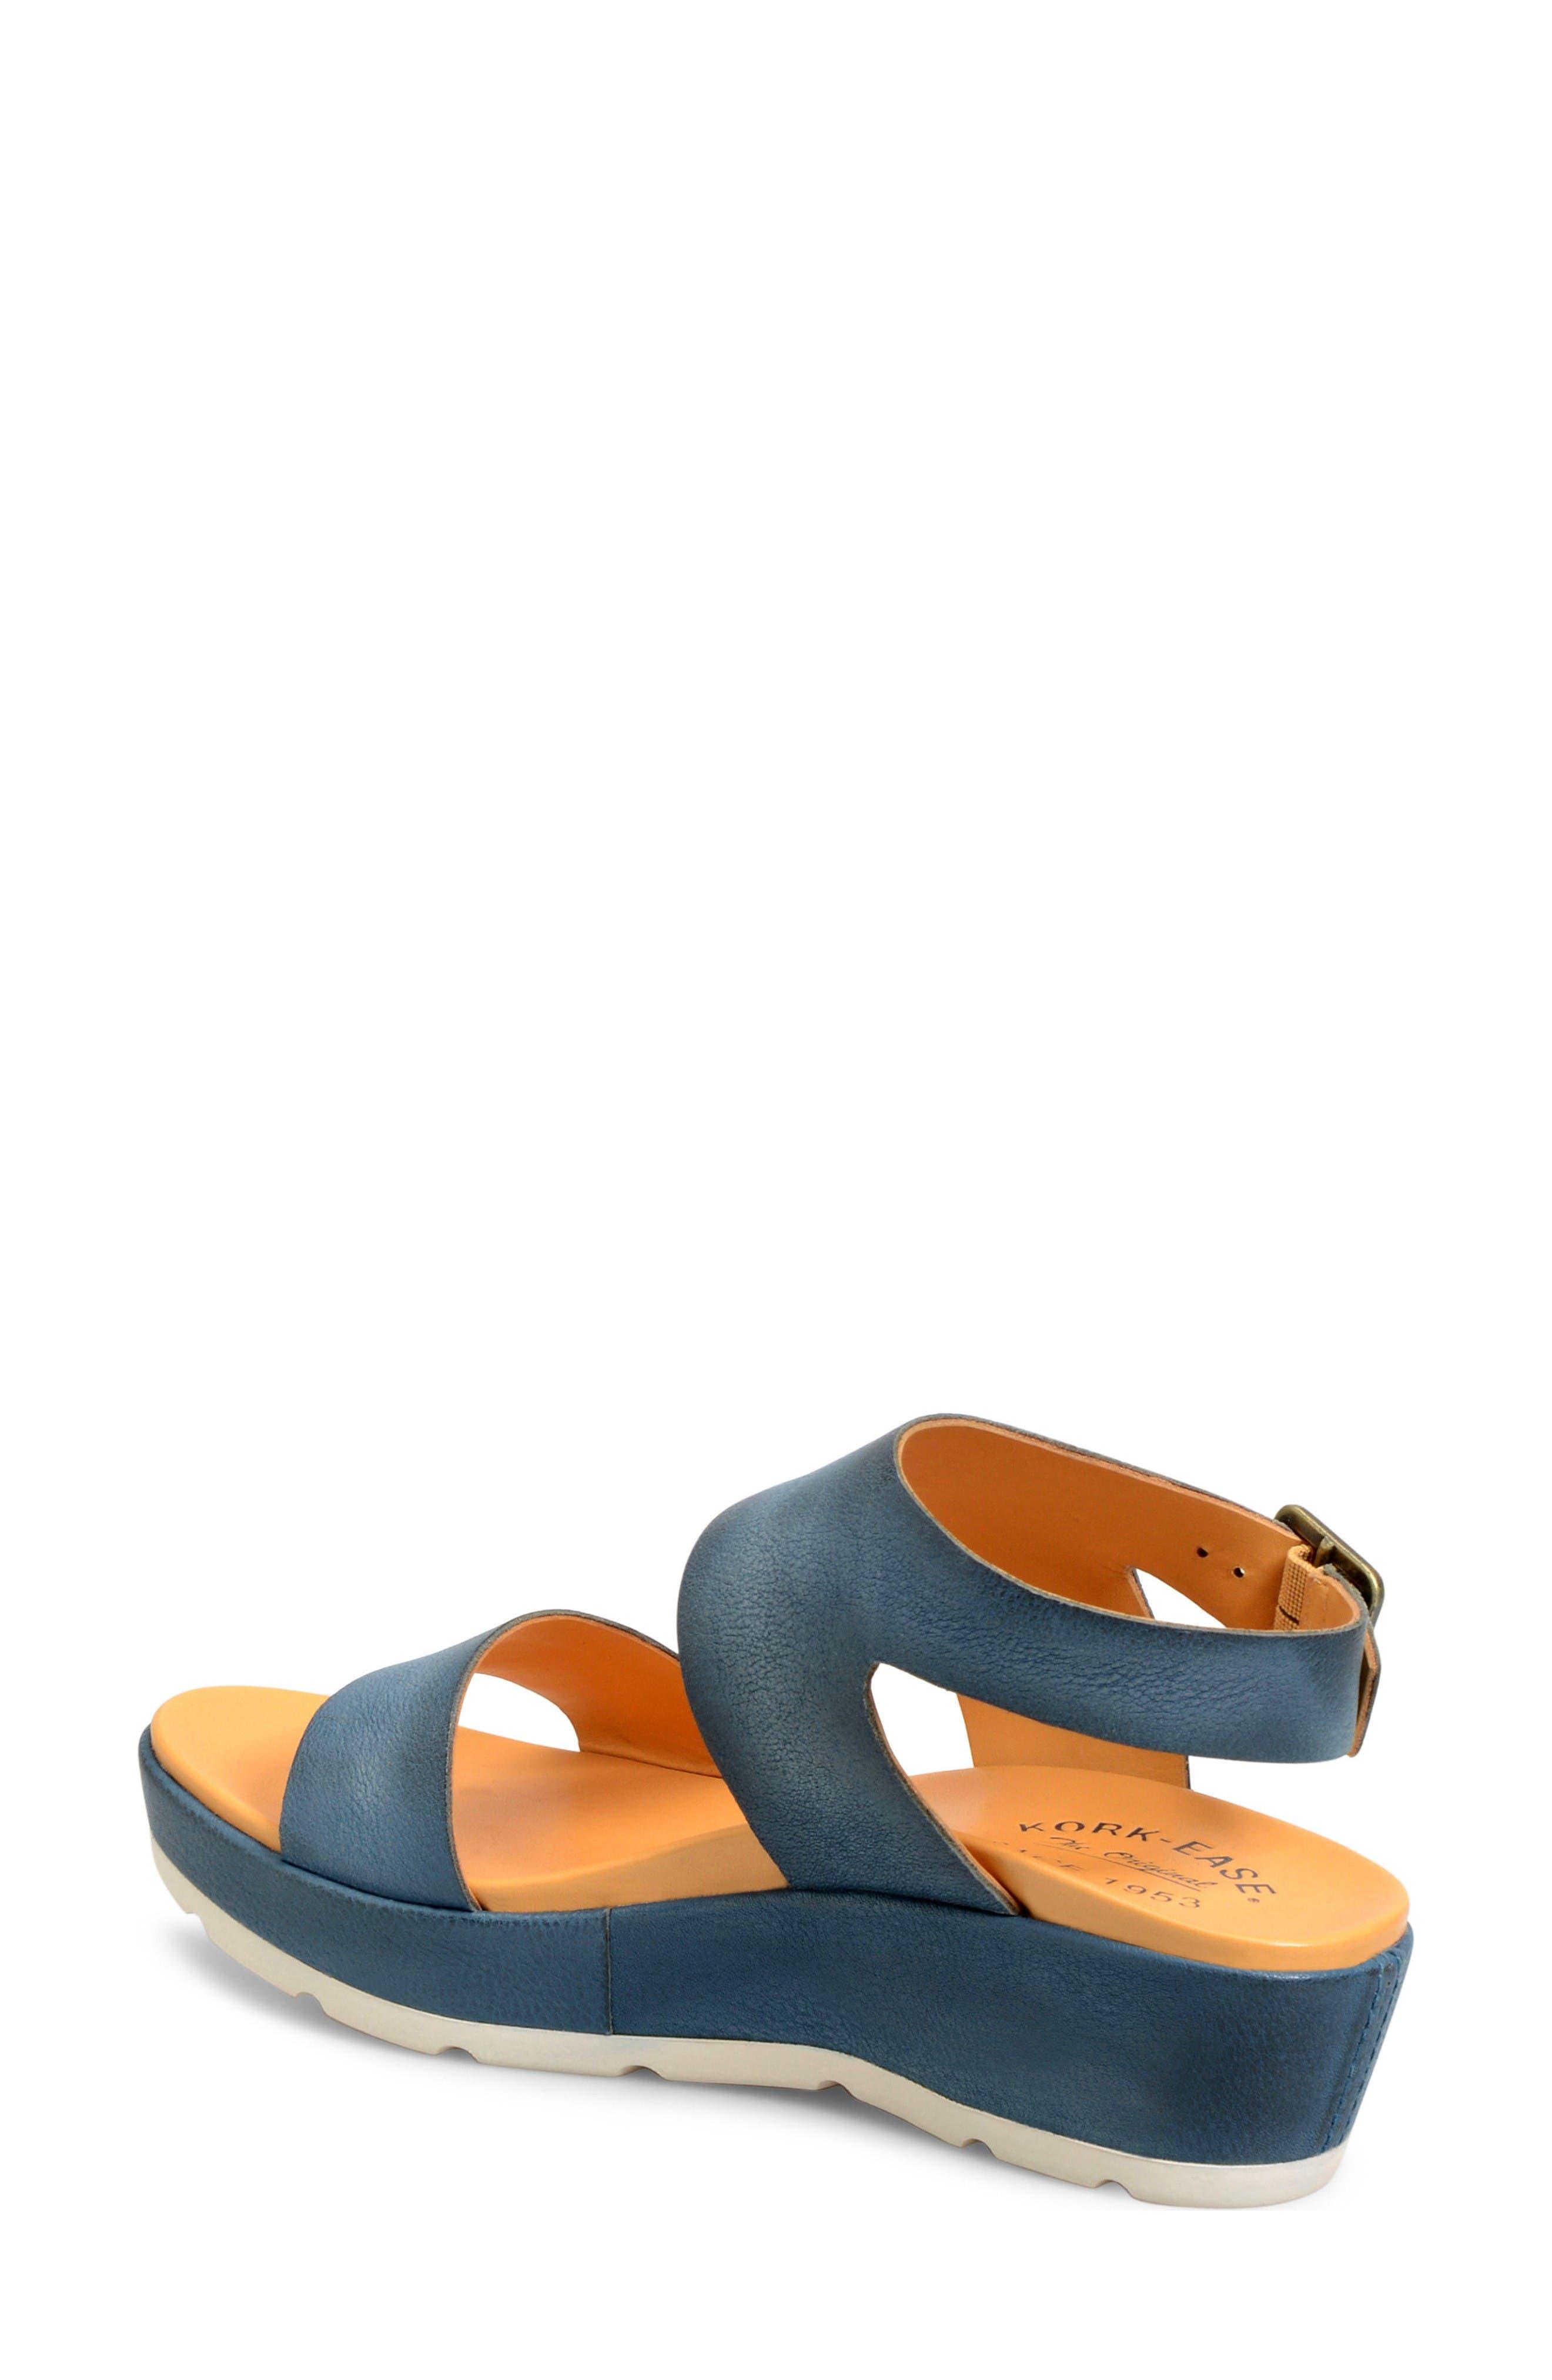 Alternate Image 2  - Kork-Ease® 'Khloe' Platform Wedge Sandal (Women)